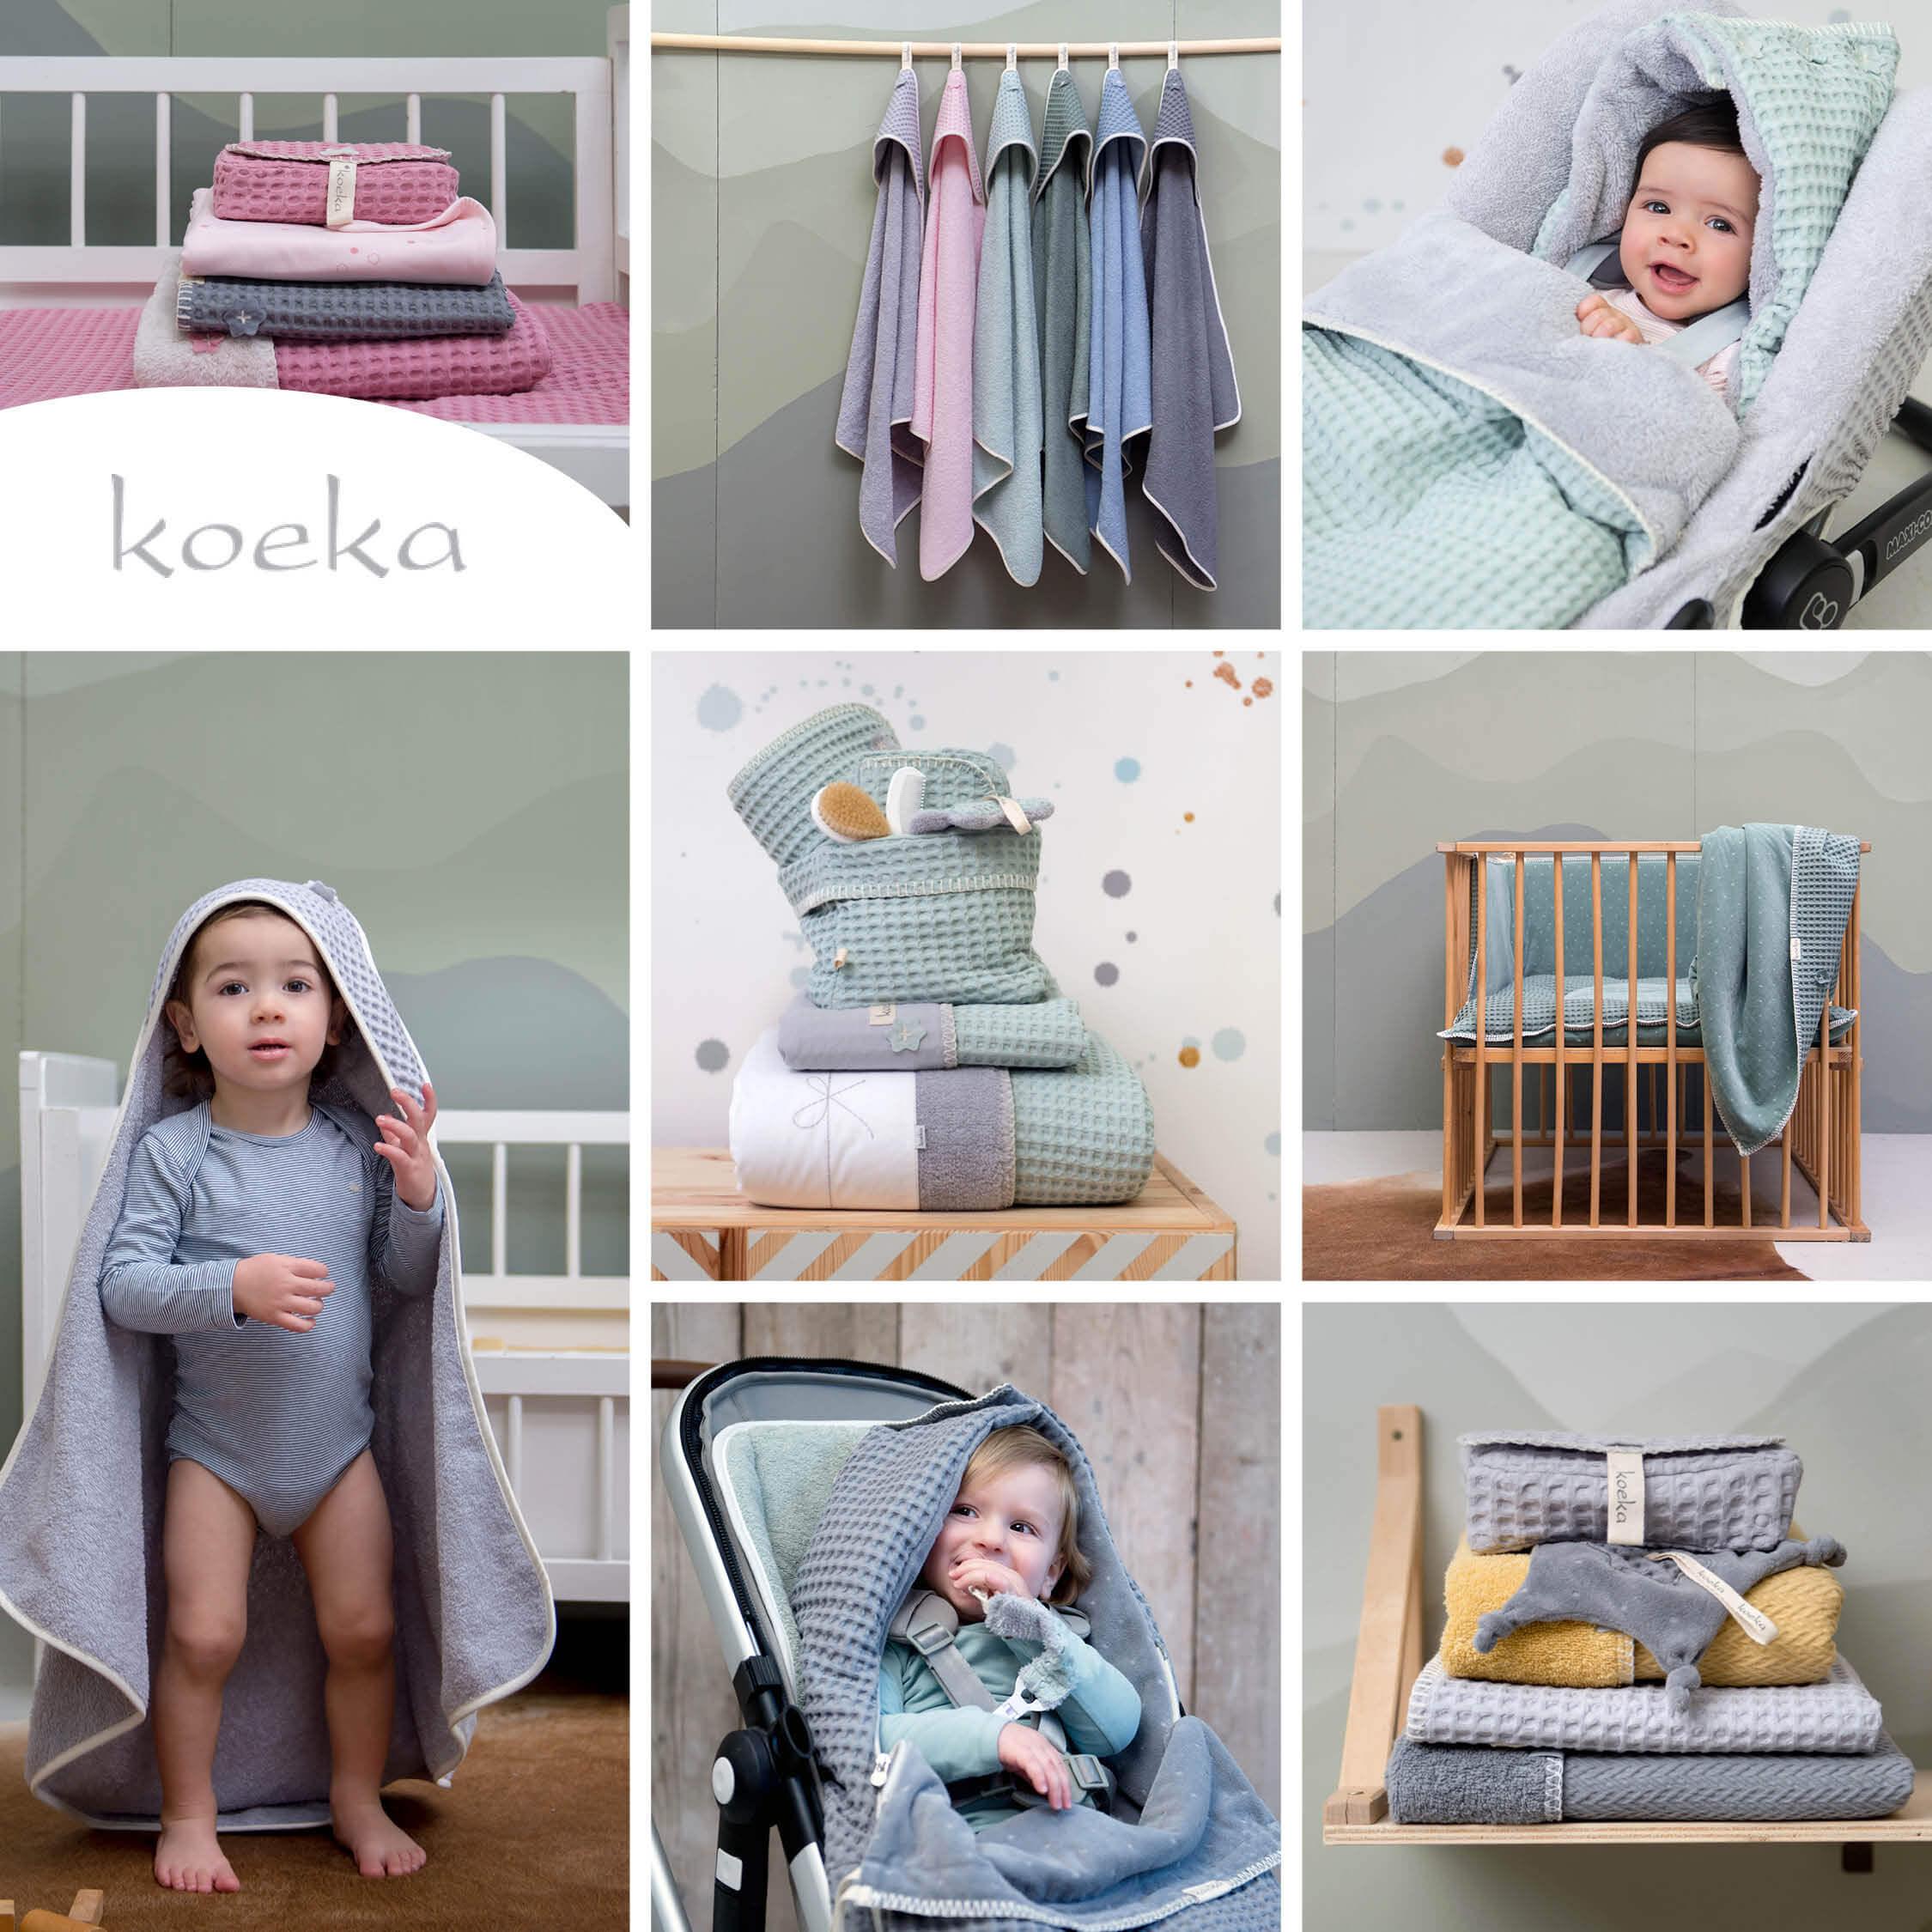 Marke des Monats Koeka picaboo Blog